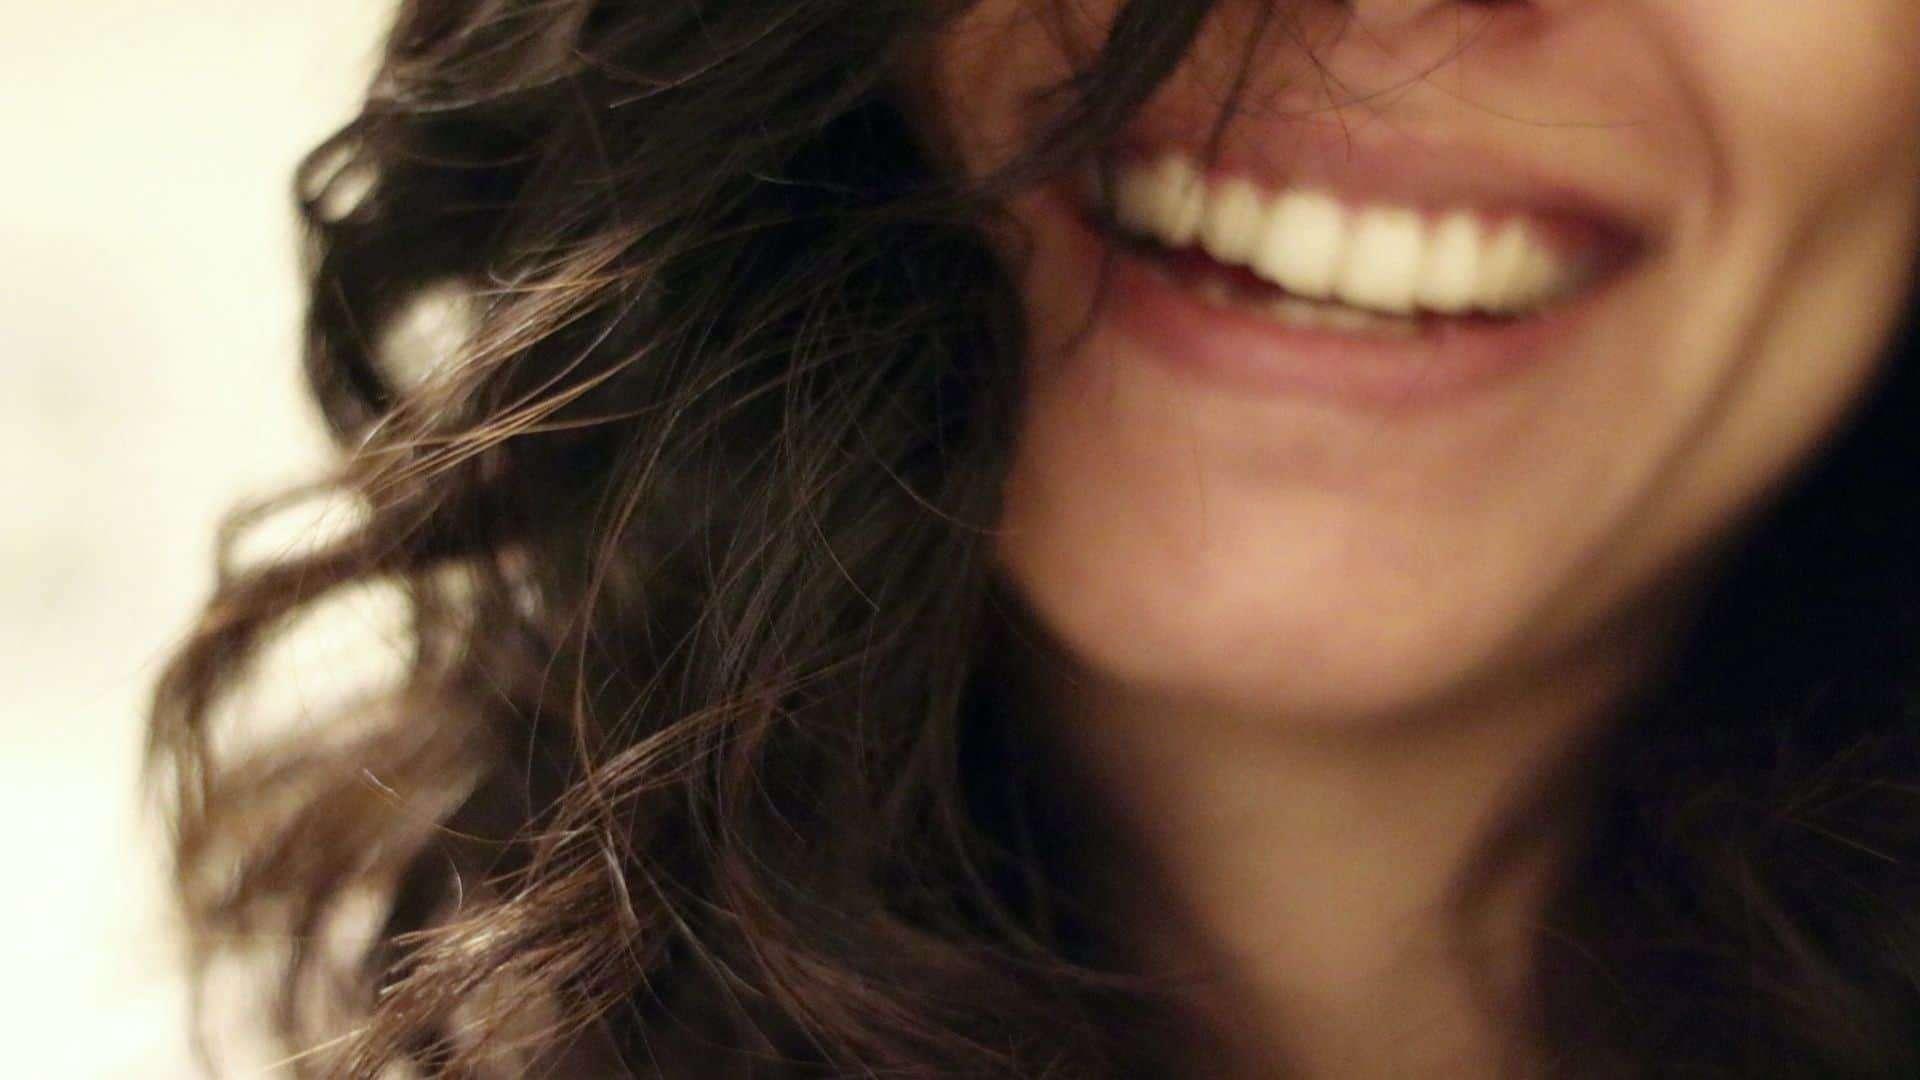 الابتسامة - المزاج السيء - orchidfulifestyle